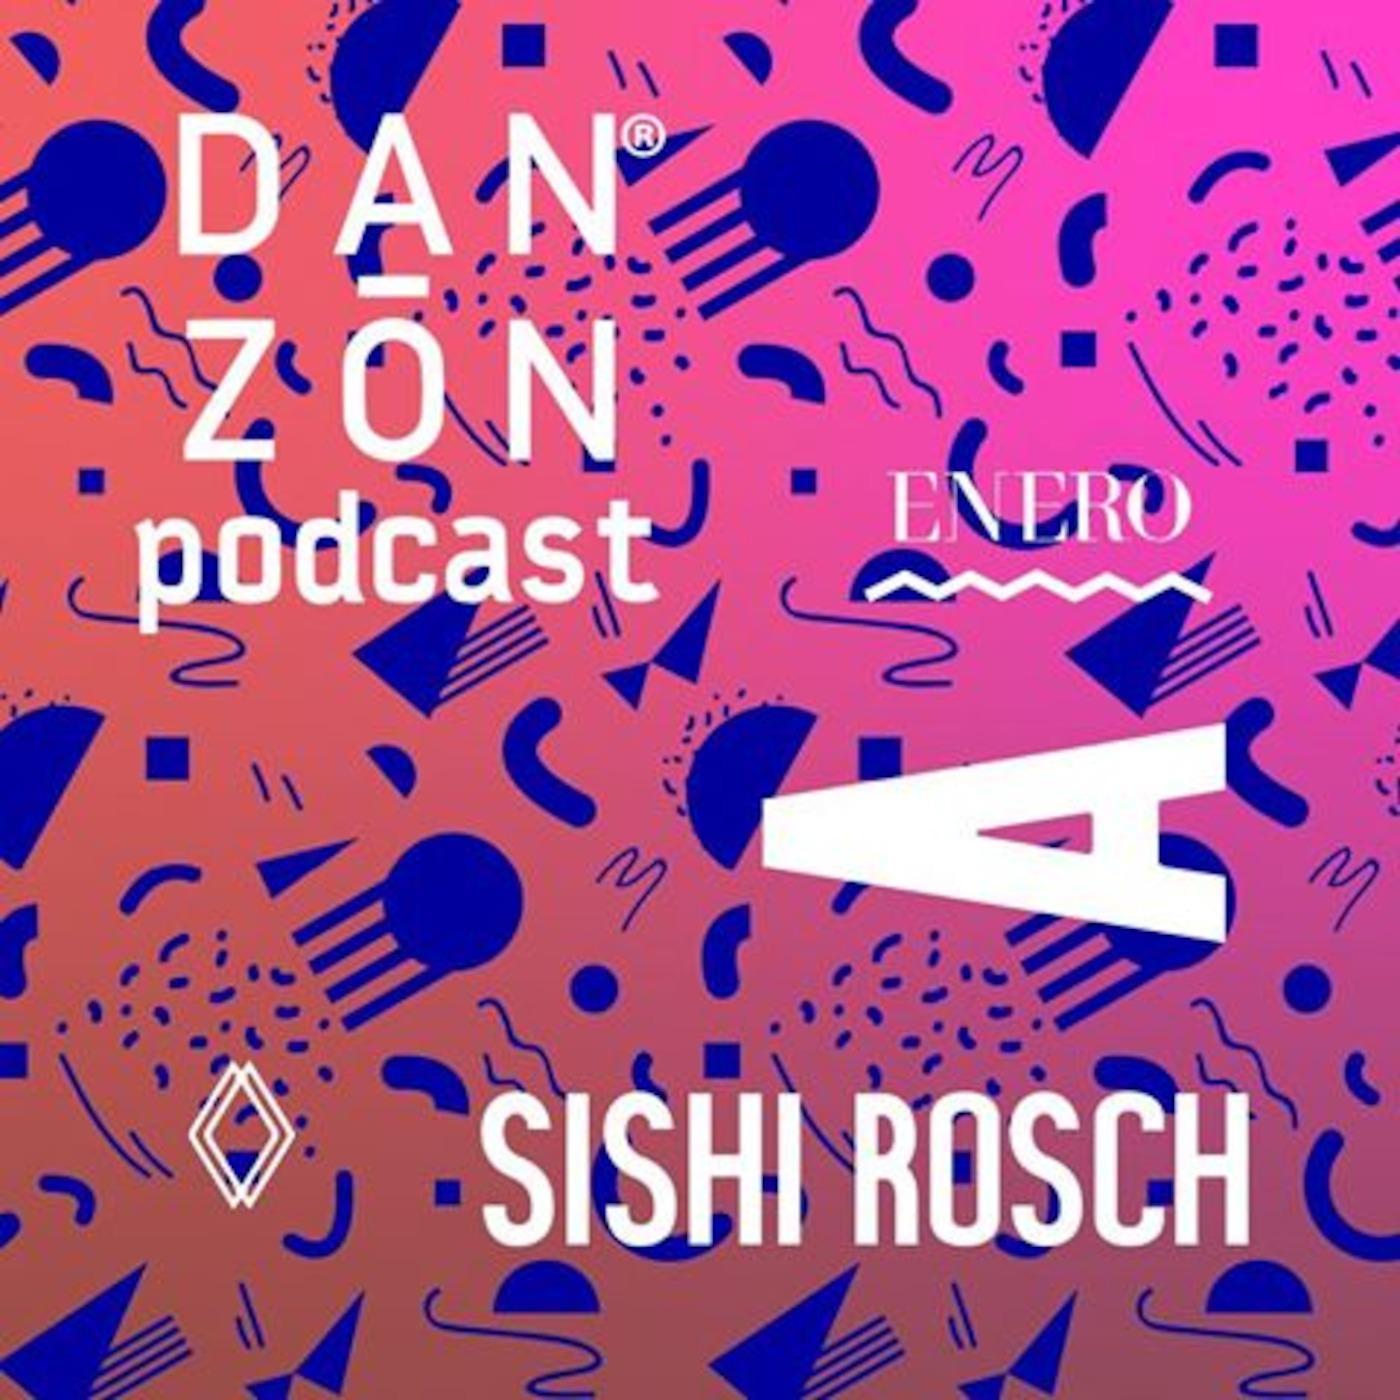 Danzon Podcast